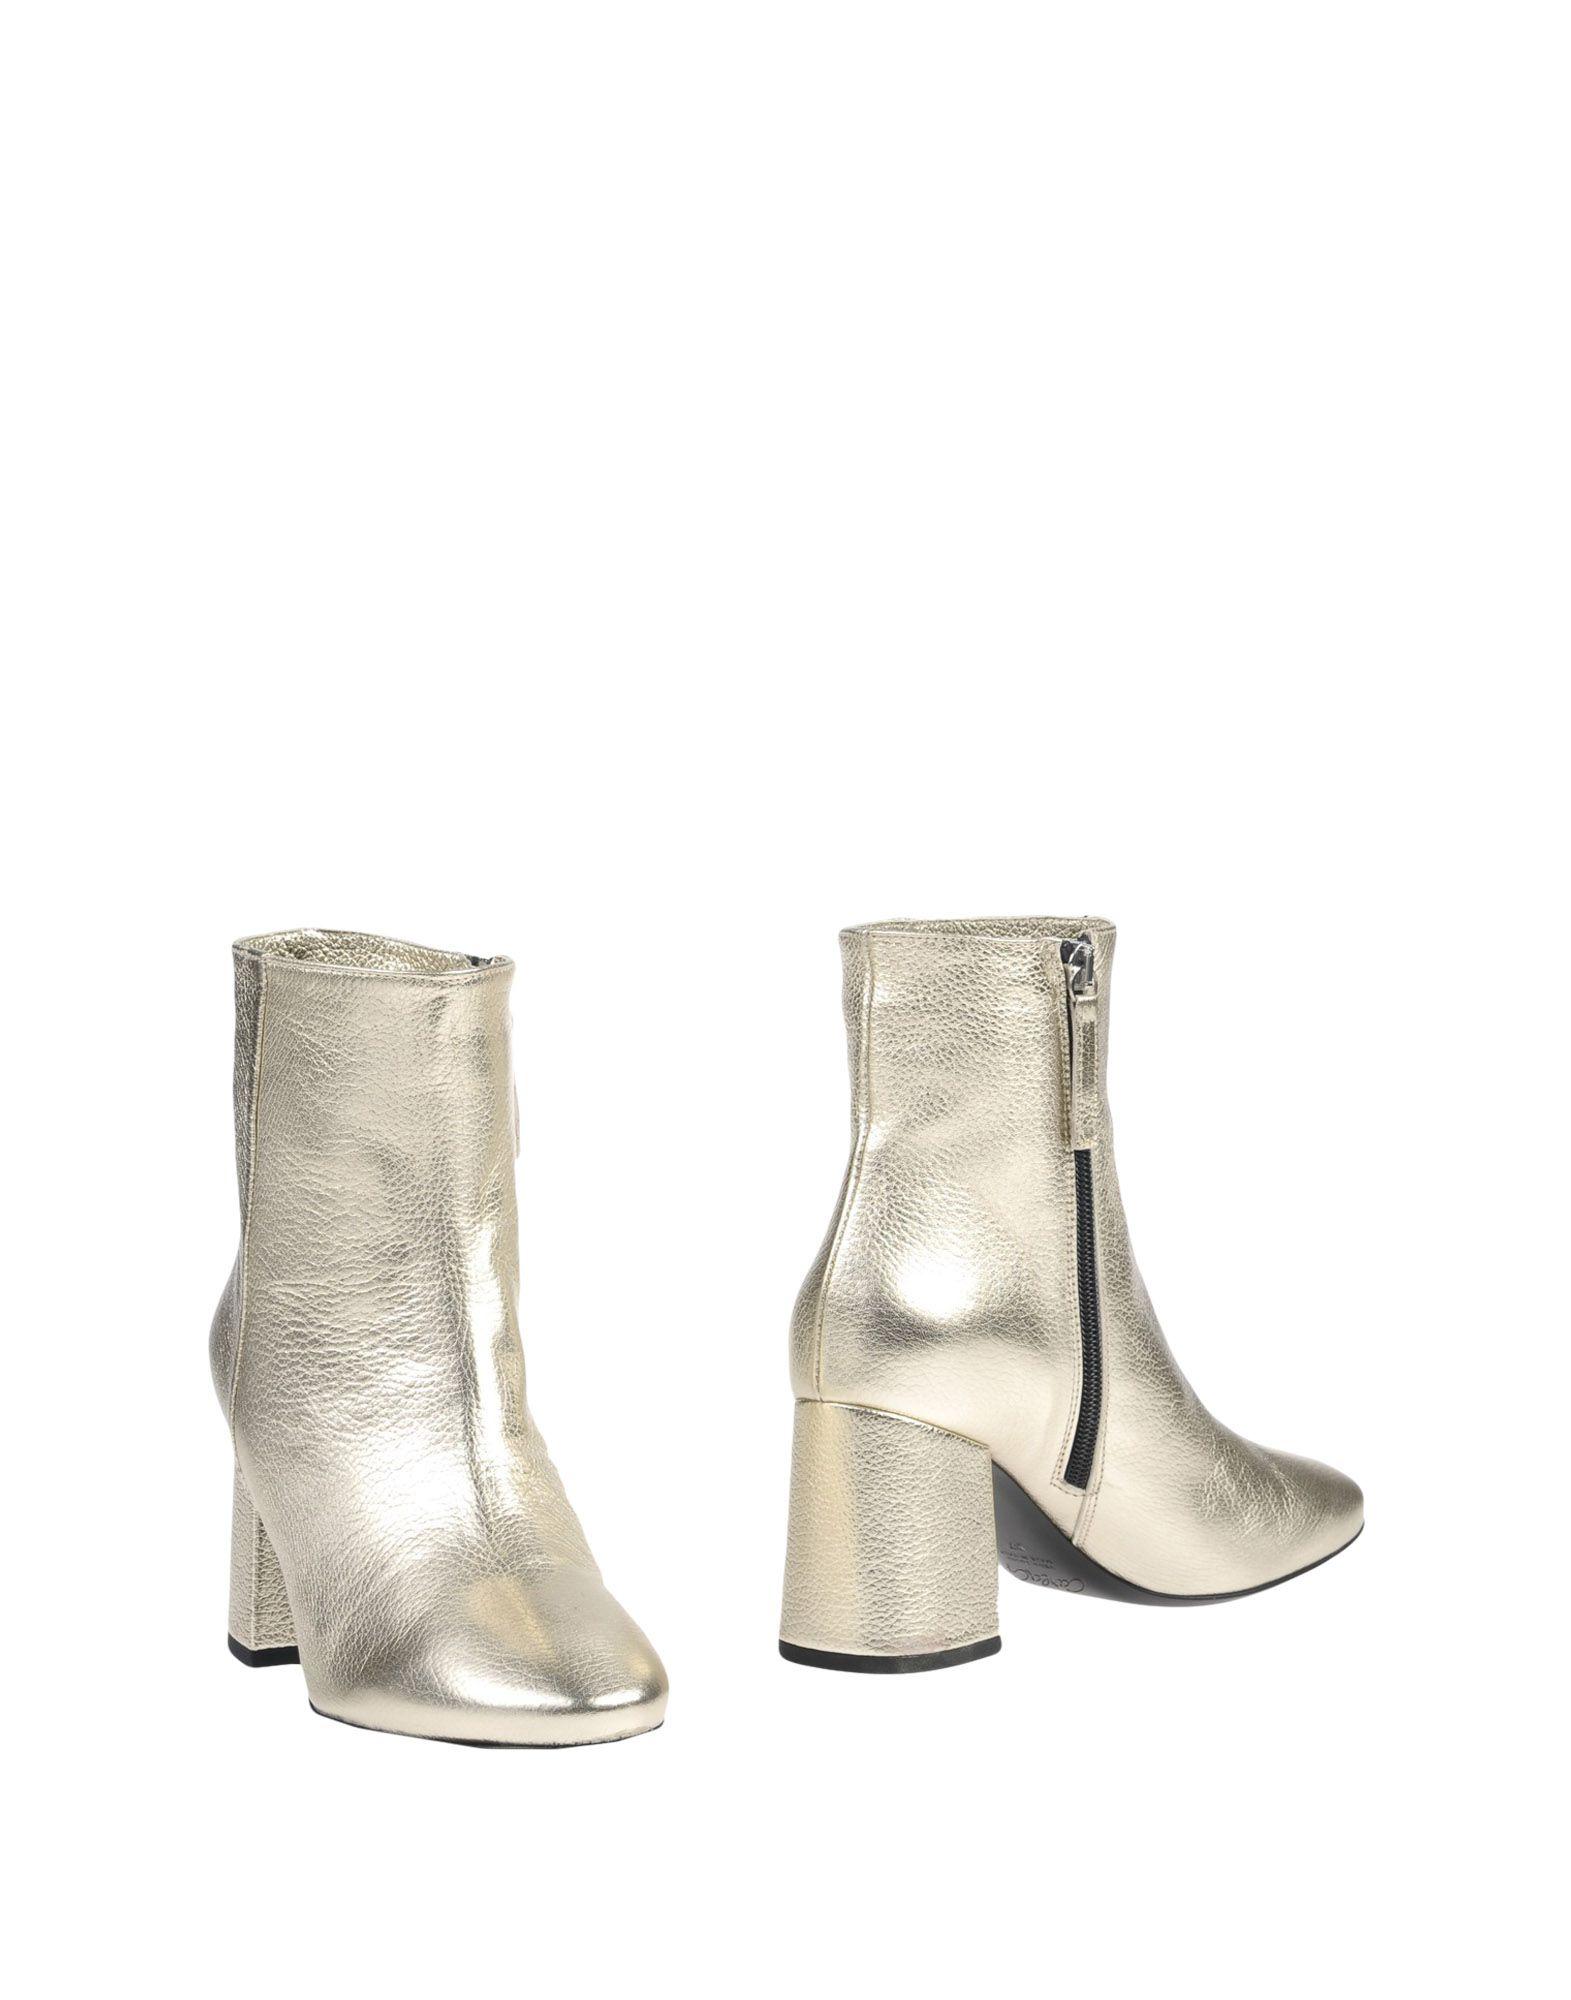 Carla G. Stiefelette Damen  11418853RE Gute Qualität beliebte beliebte beliebte Schuhe 5ed016